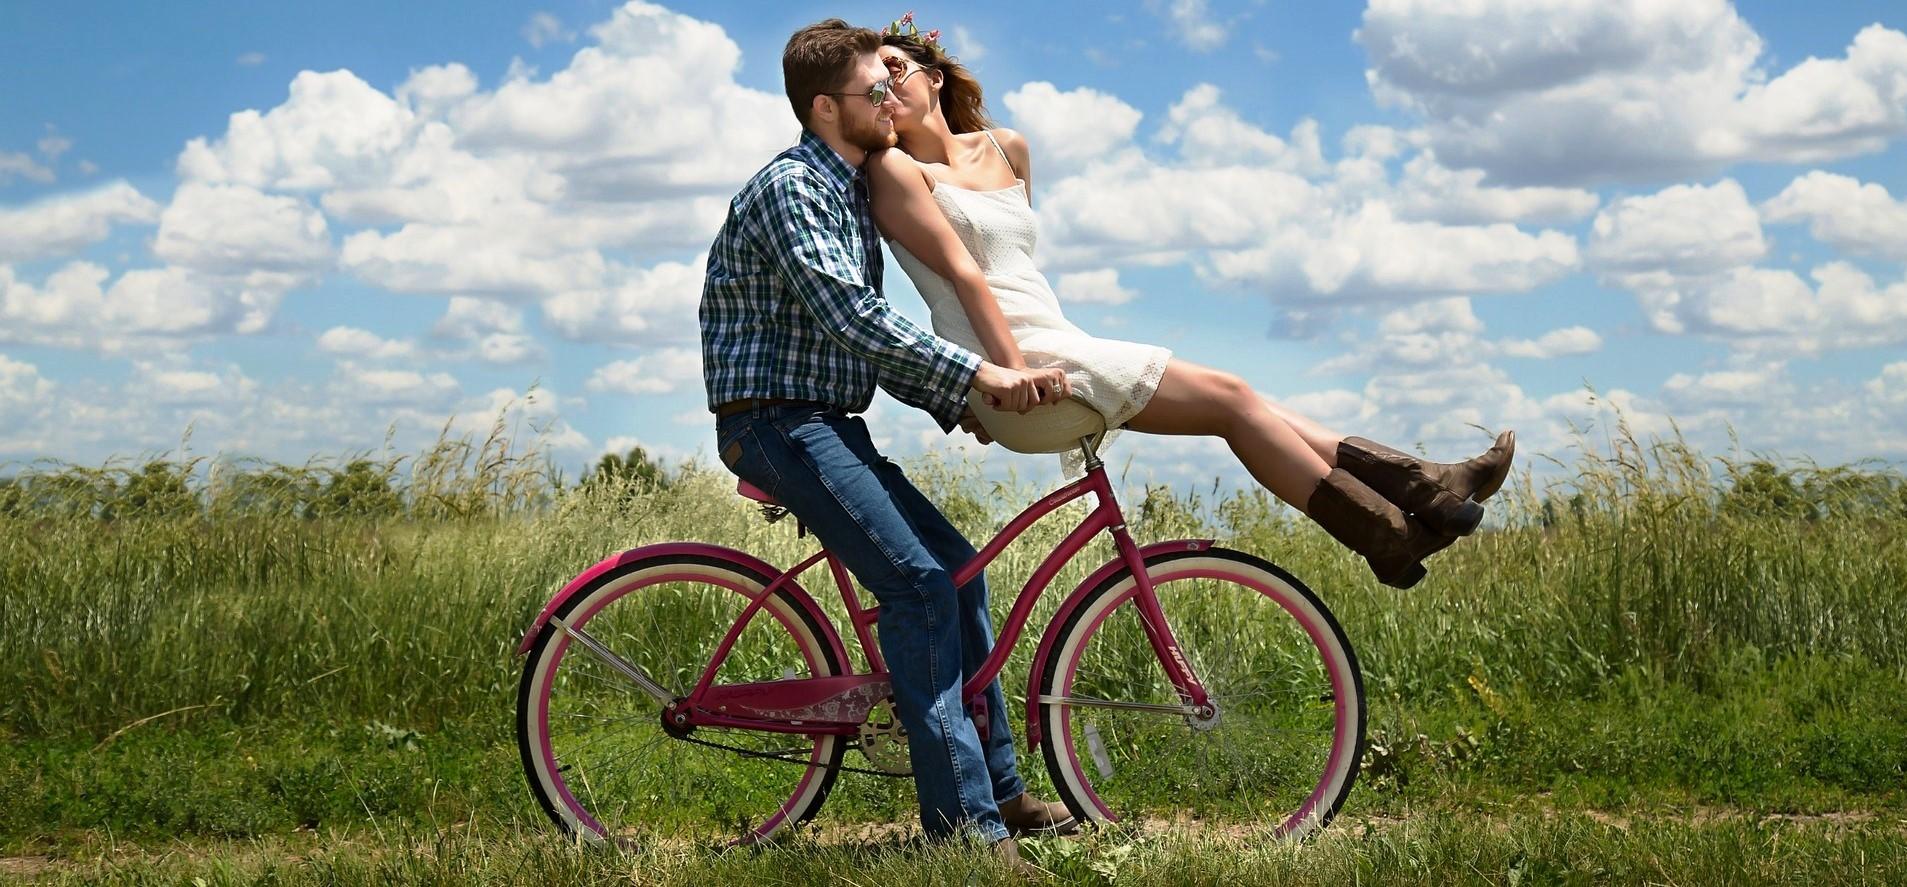 Löffelliste / Bucket Liste für Paare und Ehegatten